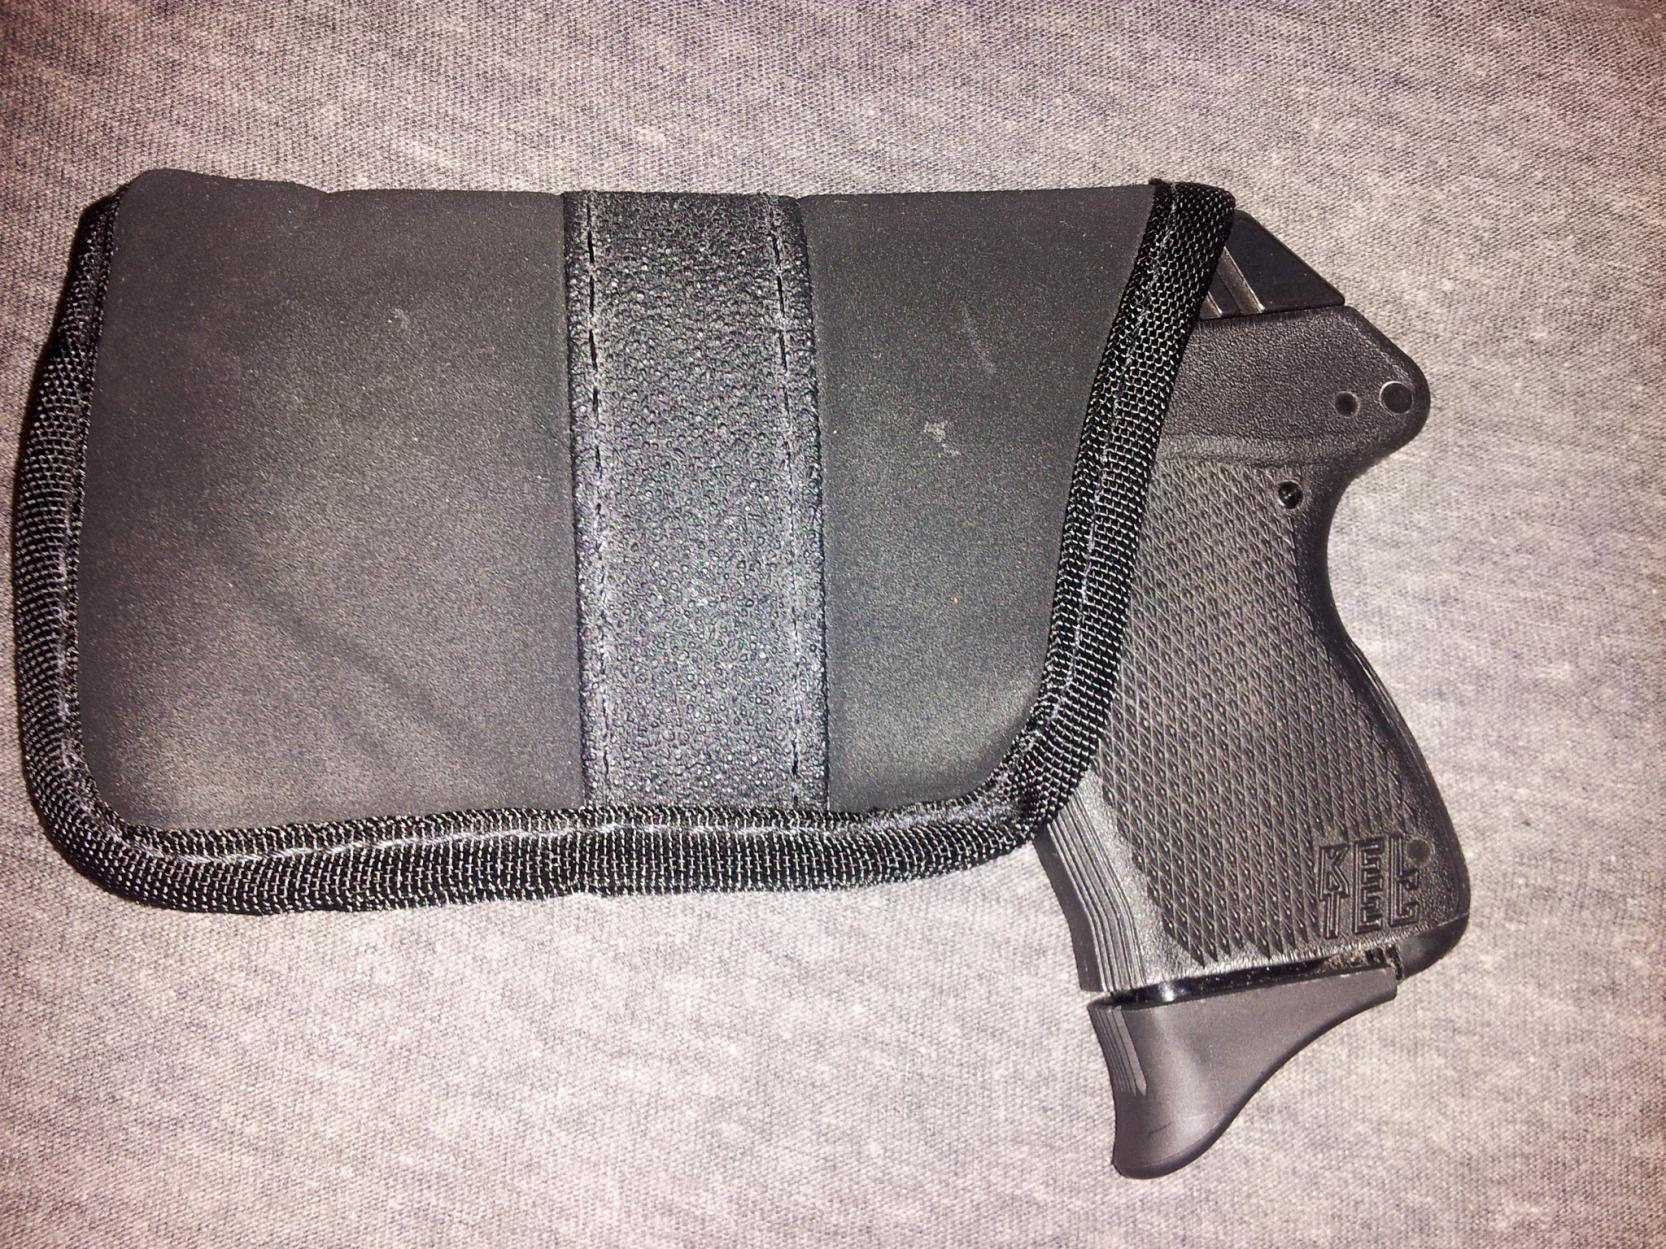 Back pocket carry holster-image.jpg